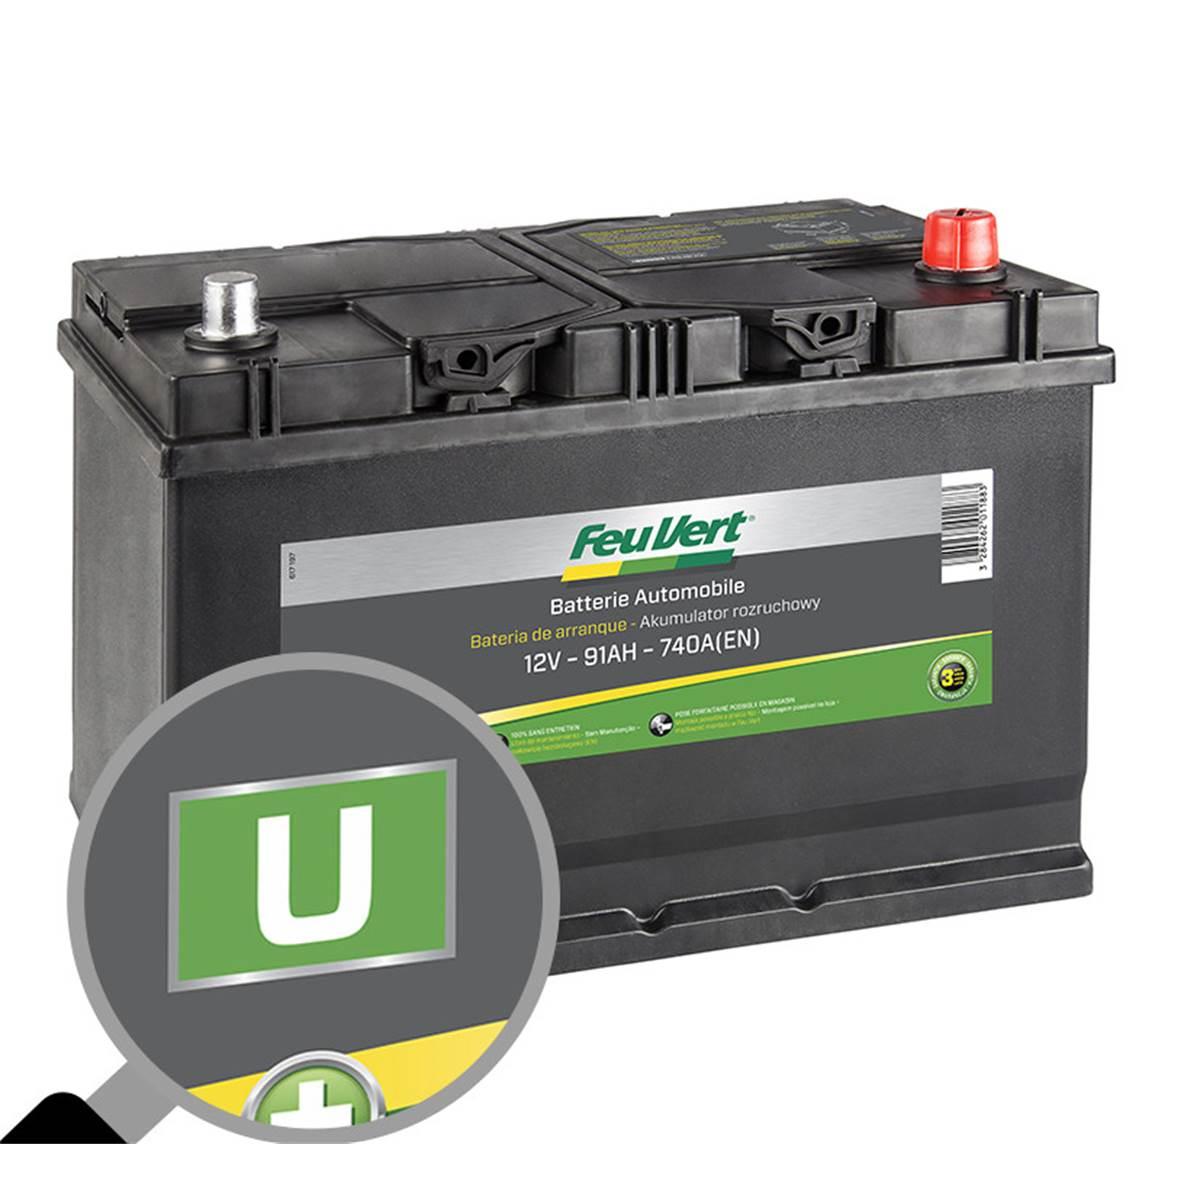 Batterie voiture Feu Vert U